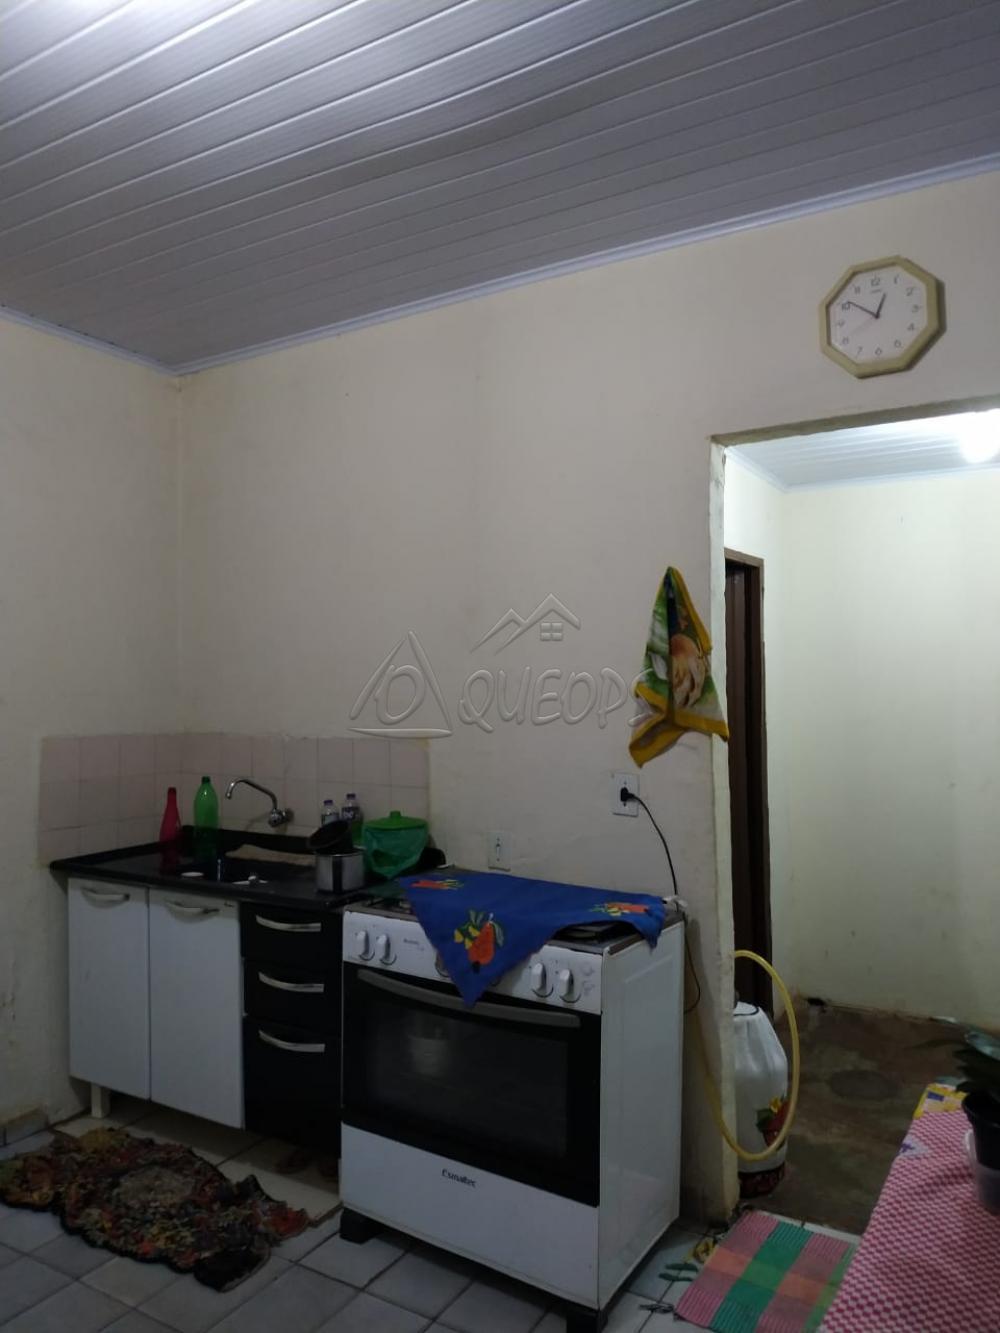 Comprar Casa / Padrão em Barretos apenas R$ 180.000,00 - Foto 13